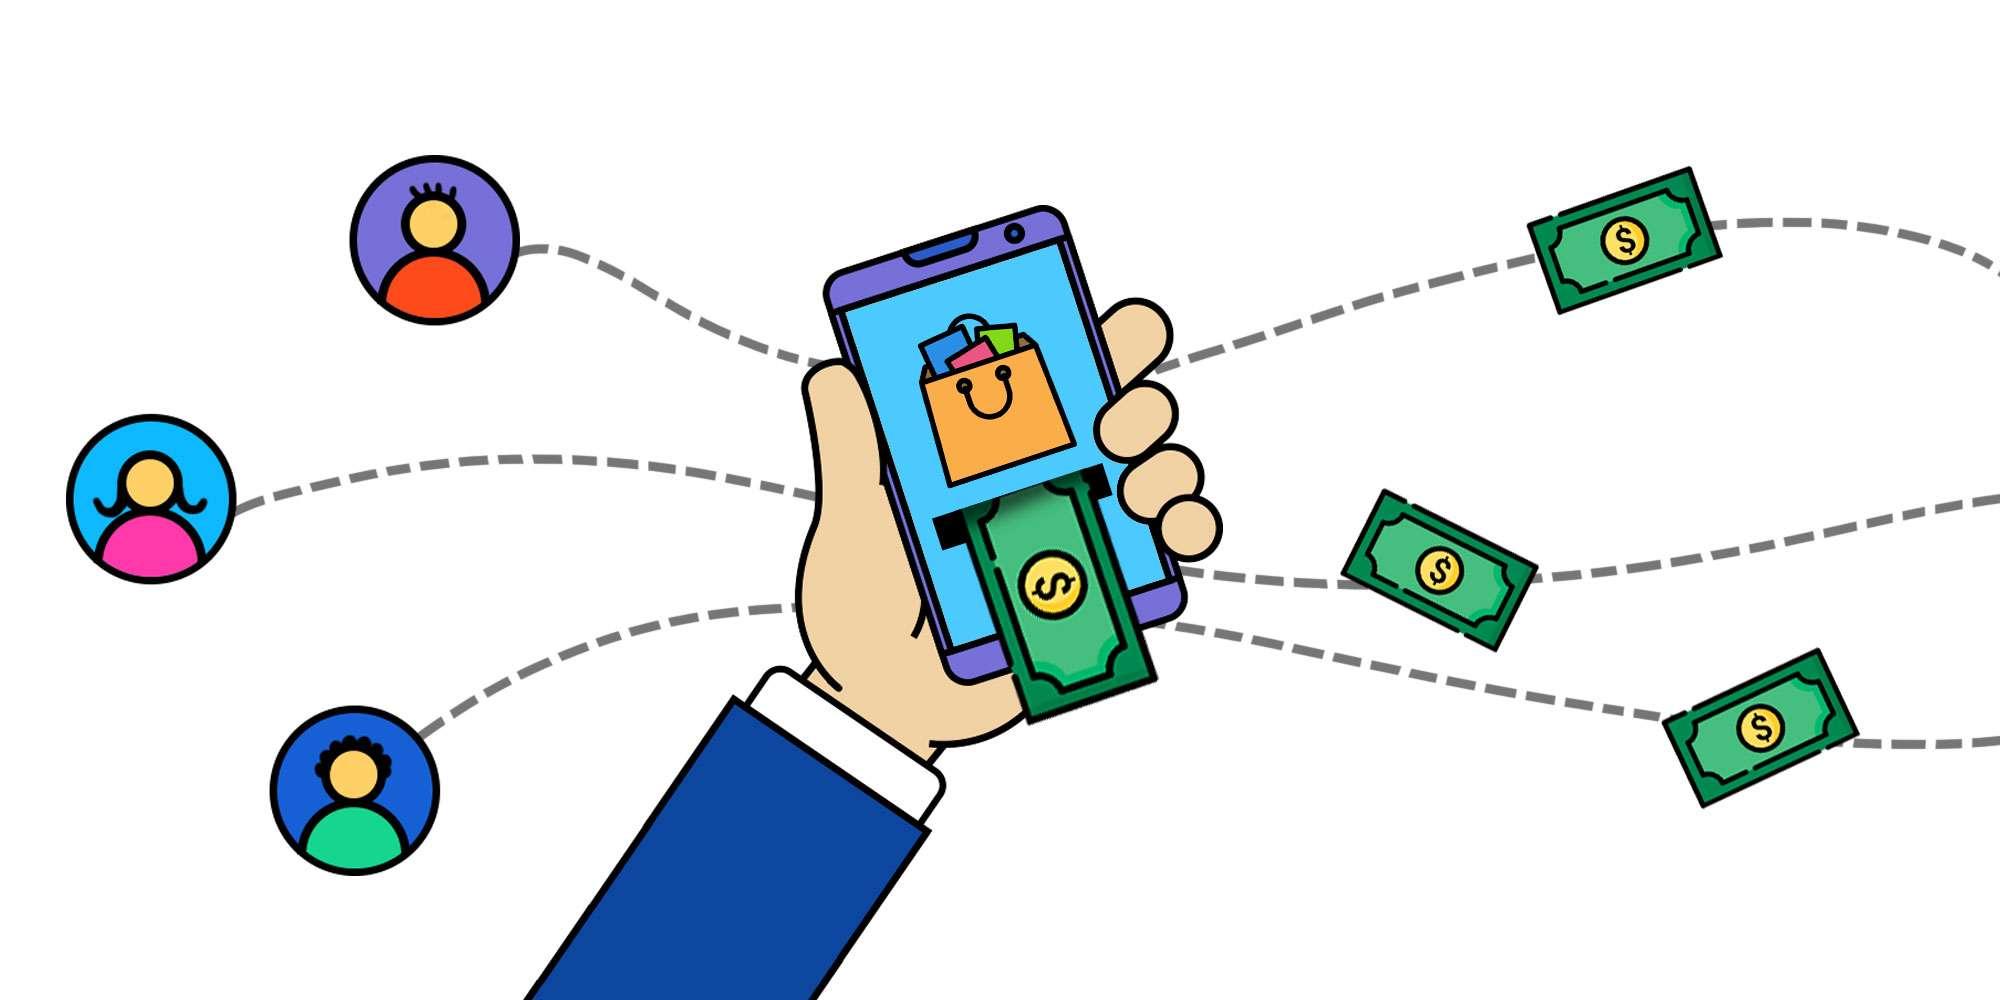 کسب درآمد از رویدادهای درون اپلیکیشن توسط متریکس رصد و تحلیل می شود